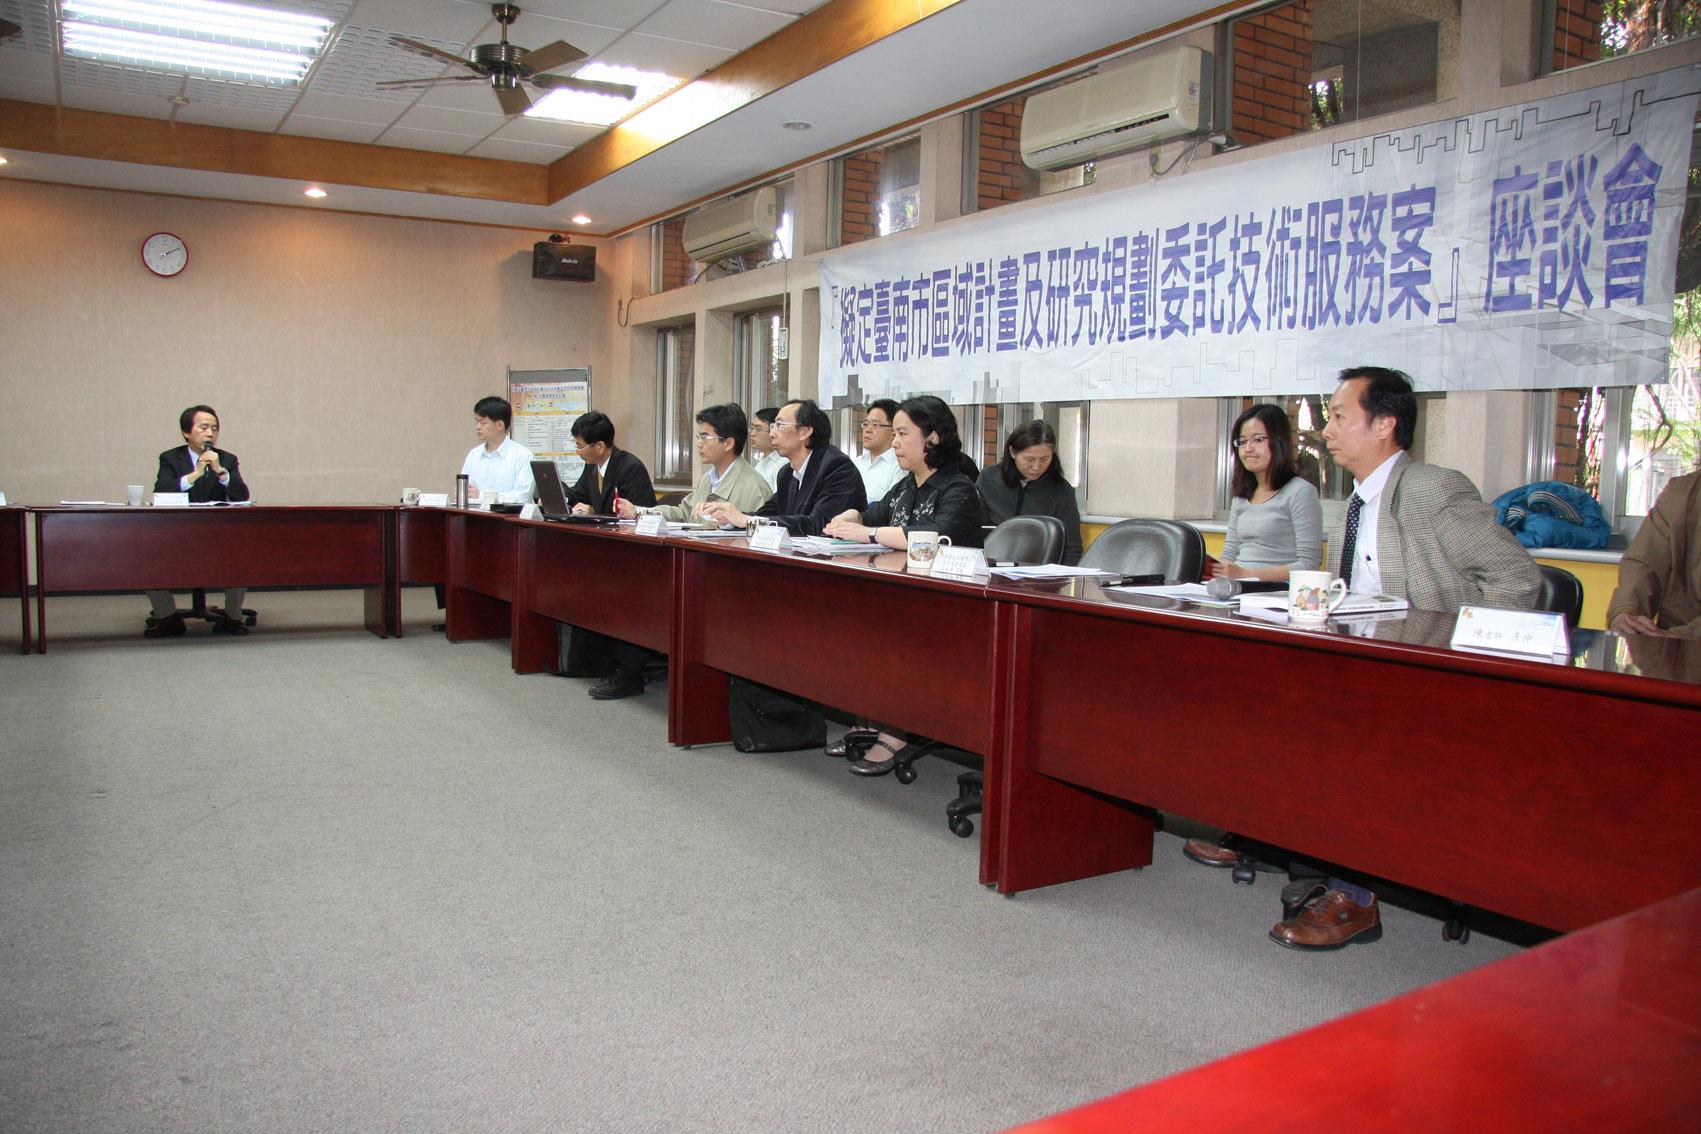 擬定臺南市區域計畫,打造交通便捷、產業升級、幸福城市  0